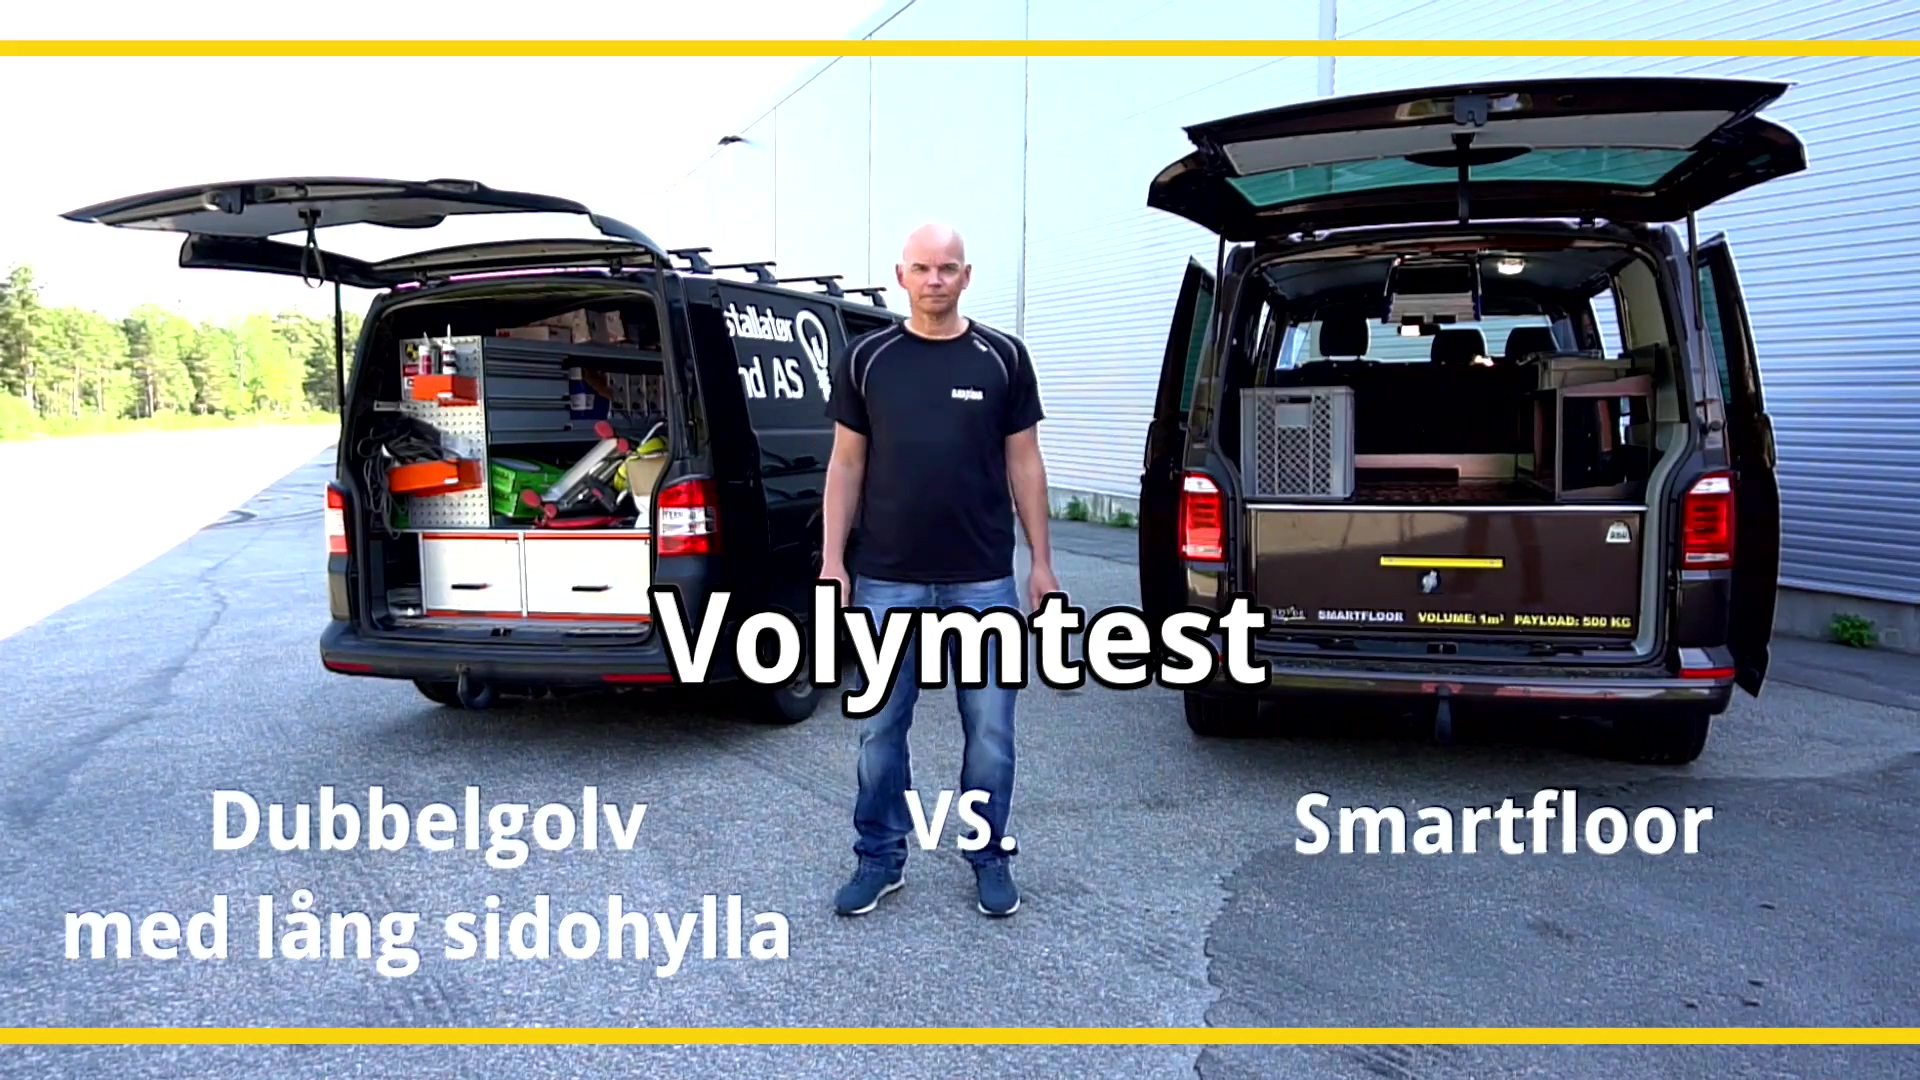 SE_NY_Volumtest elektriker.kort_25sek.v4.SE_Compressed